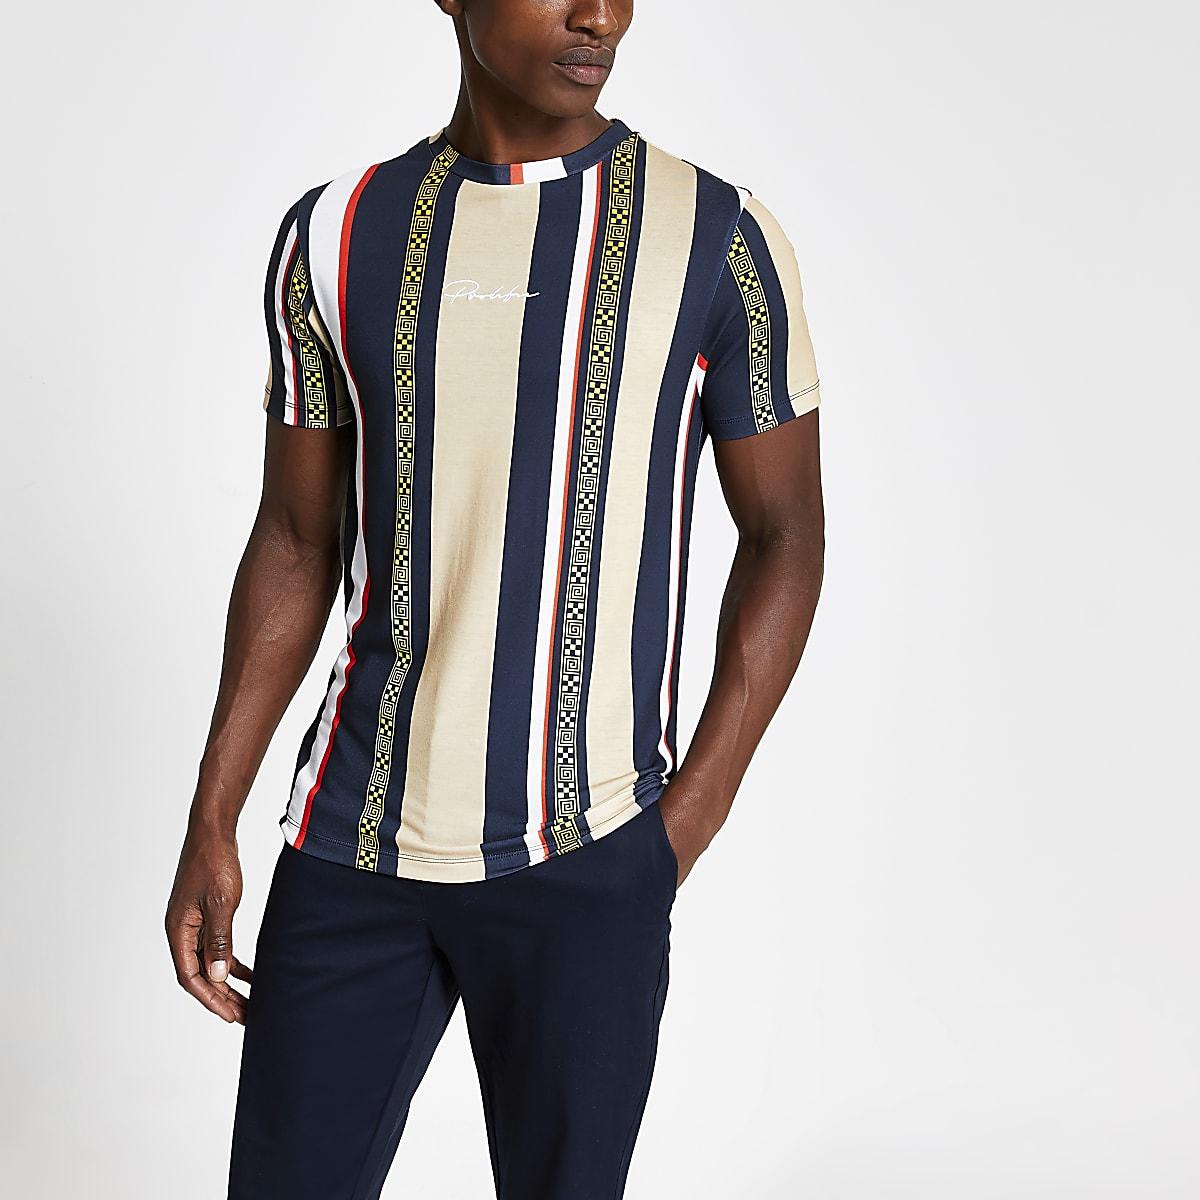 Prolific - Bruine gestreept aansluitend T-shirt